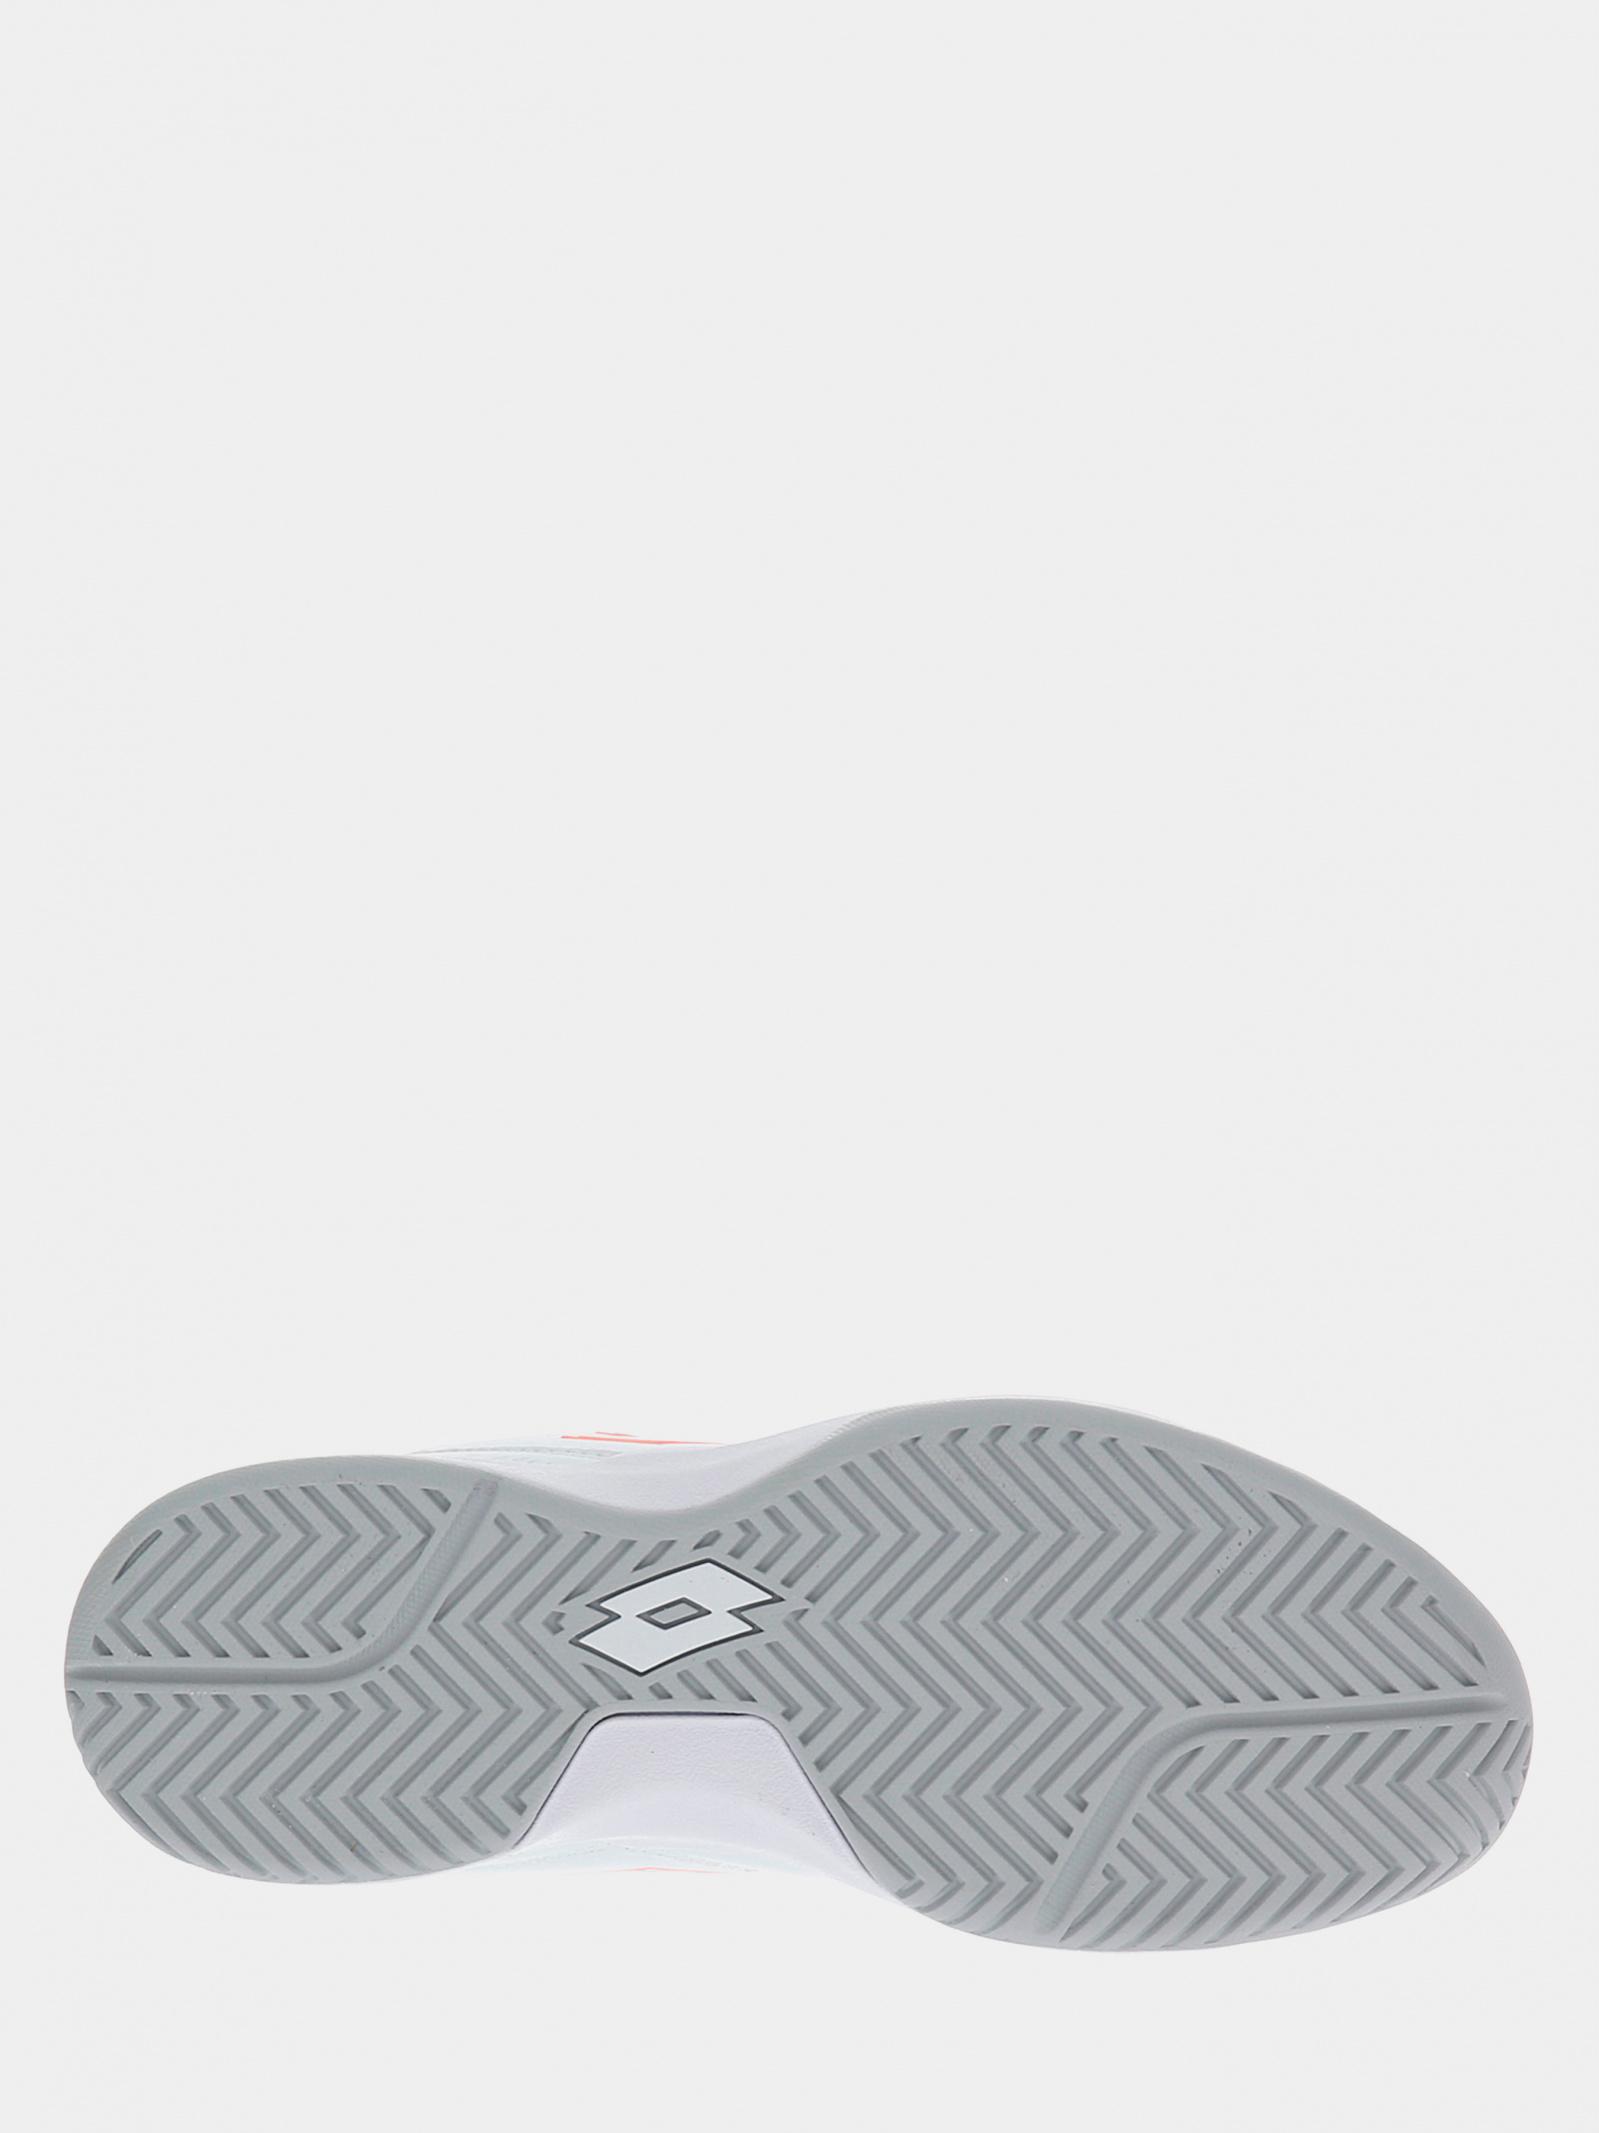 Кросівки тенісні  для жінок SPACE 600 II ALR W 213637_5Y1 брендове взуття, 2017